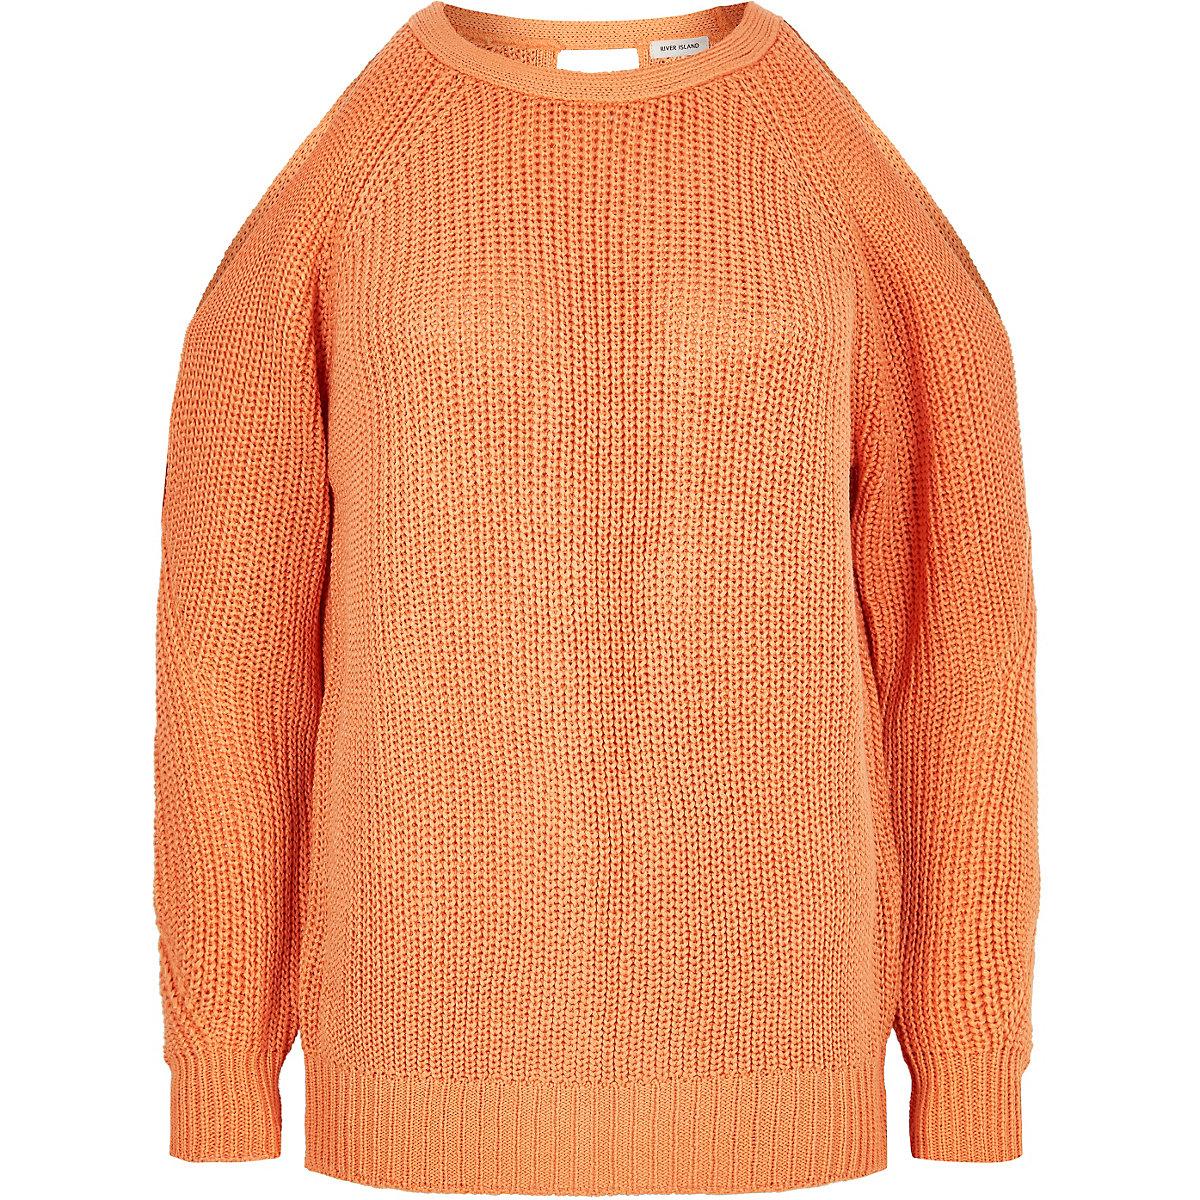 Orange knitted cold shoulder jumper